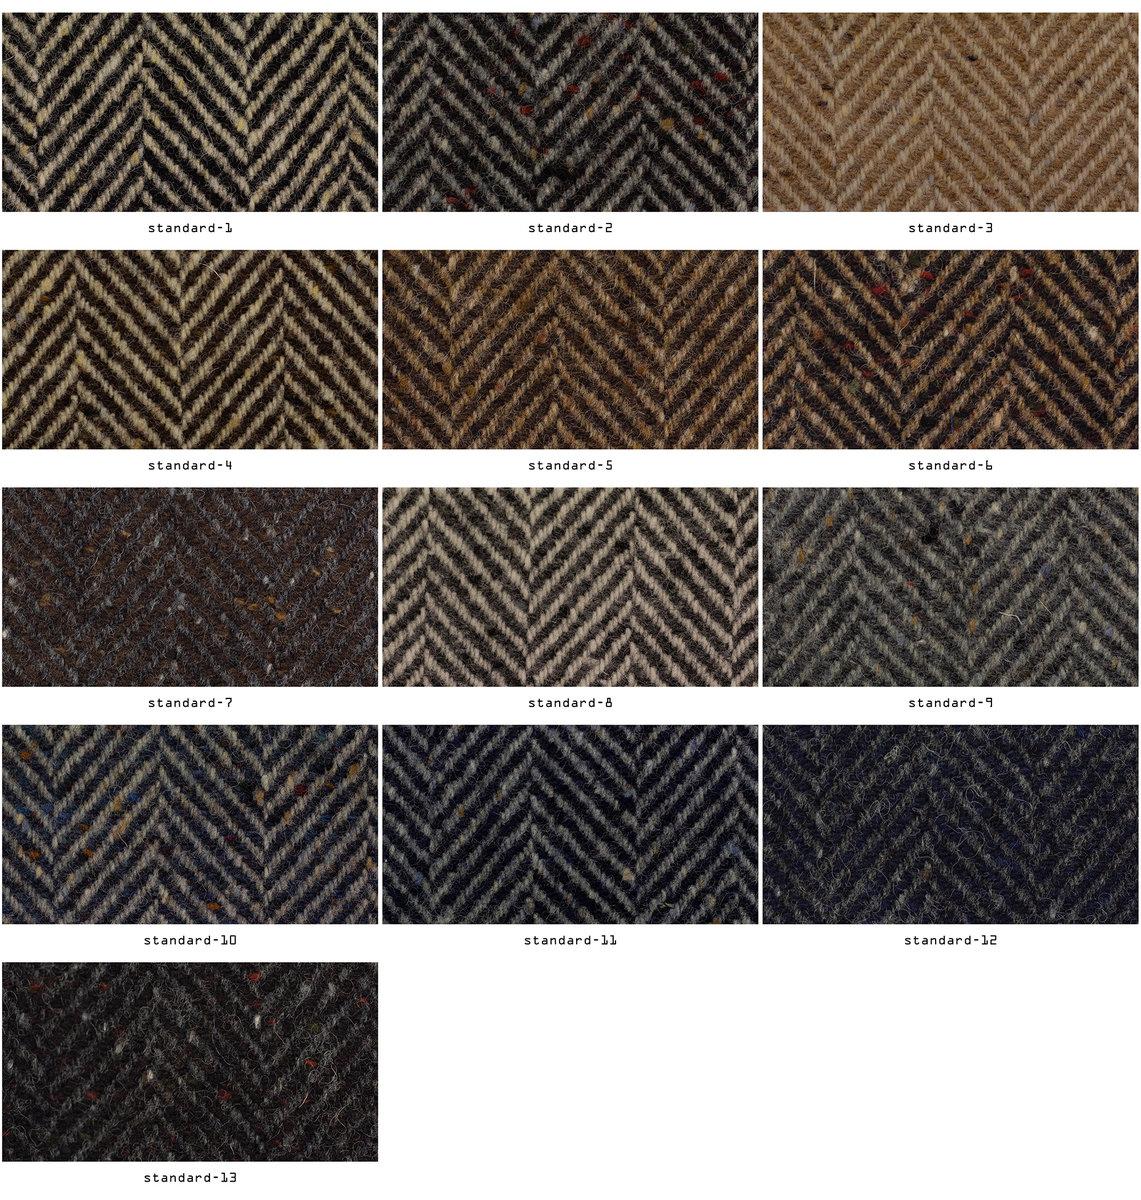 sheet-herringbone-standard-s.jpg